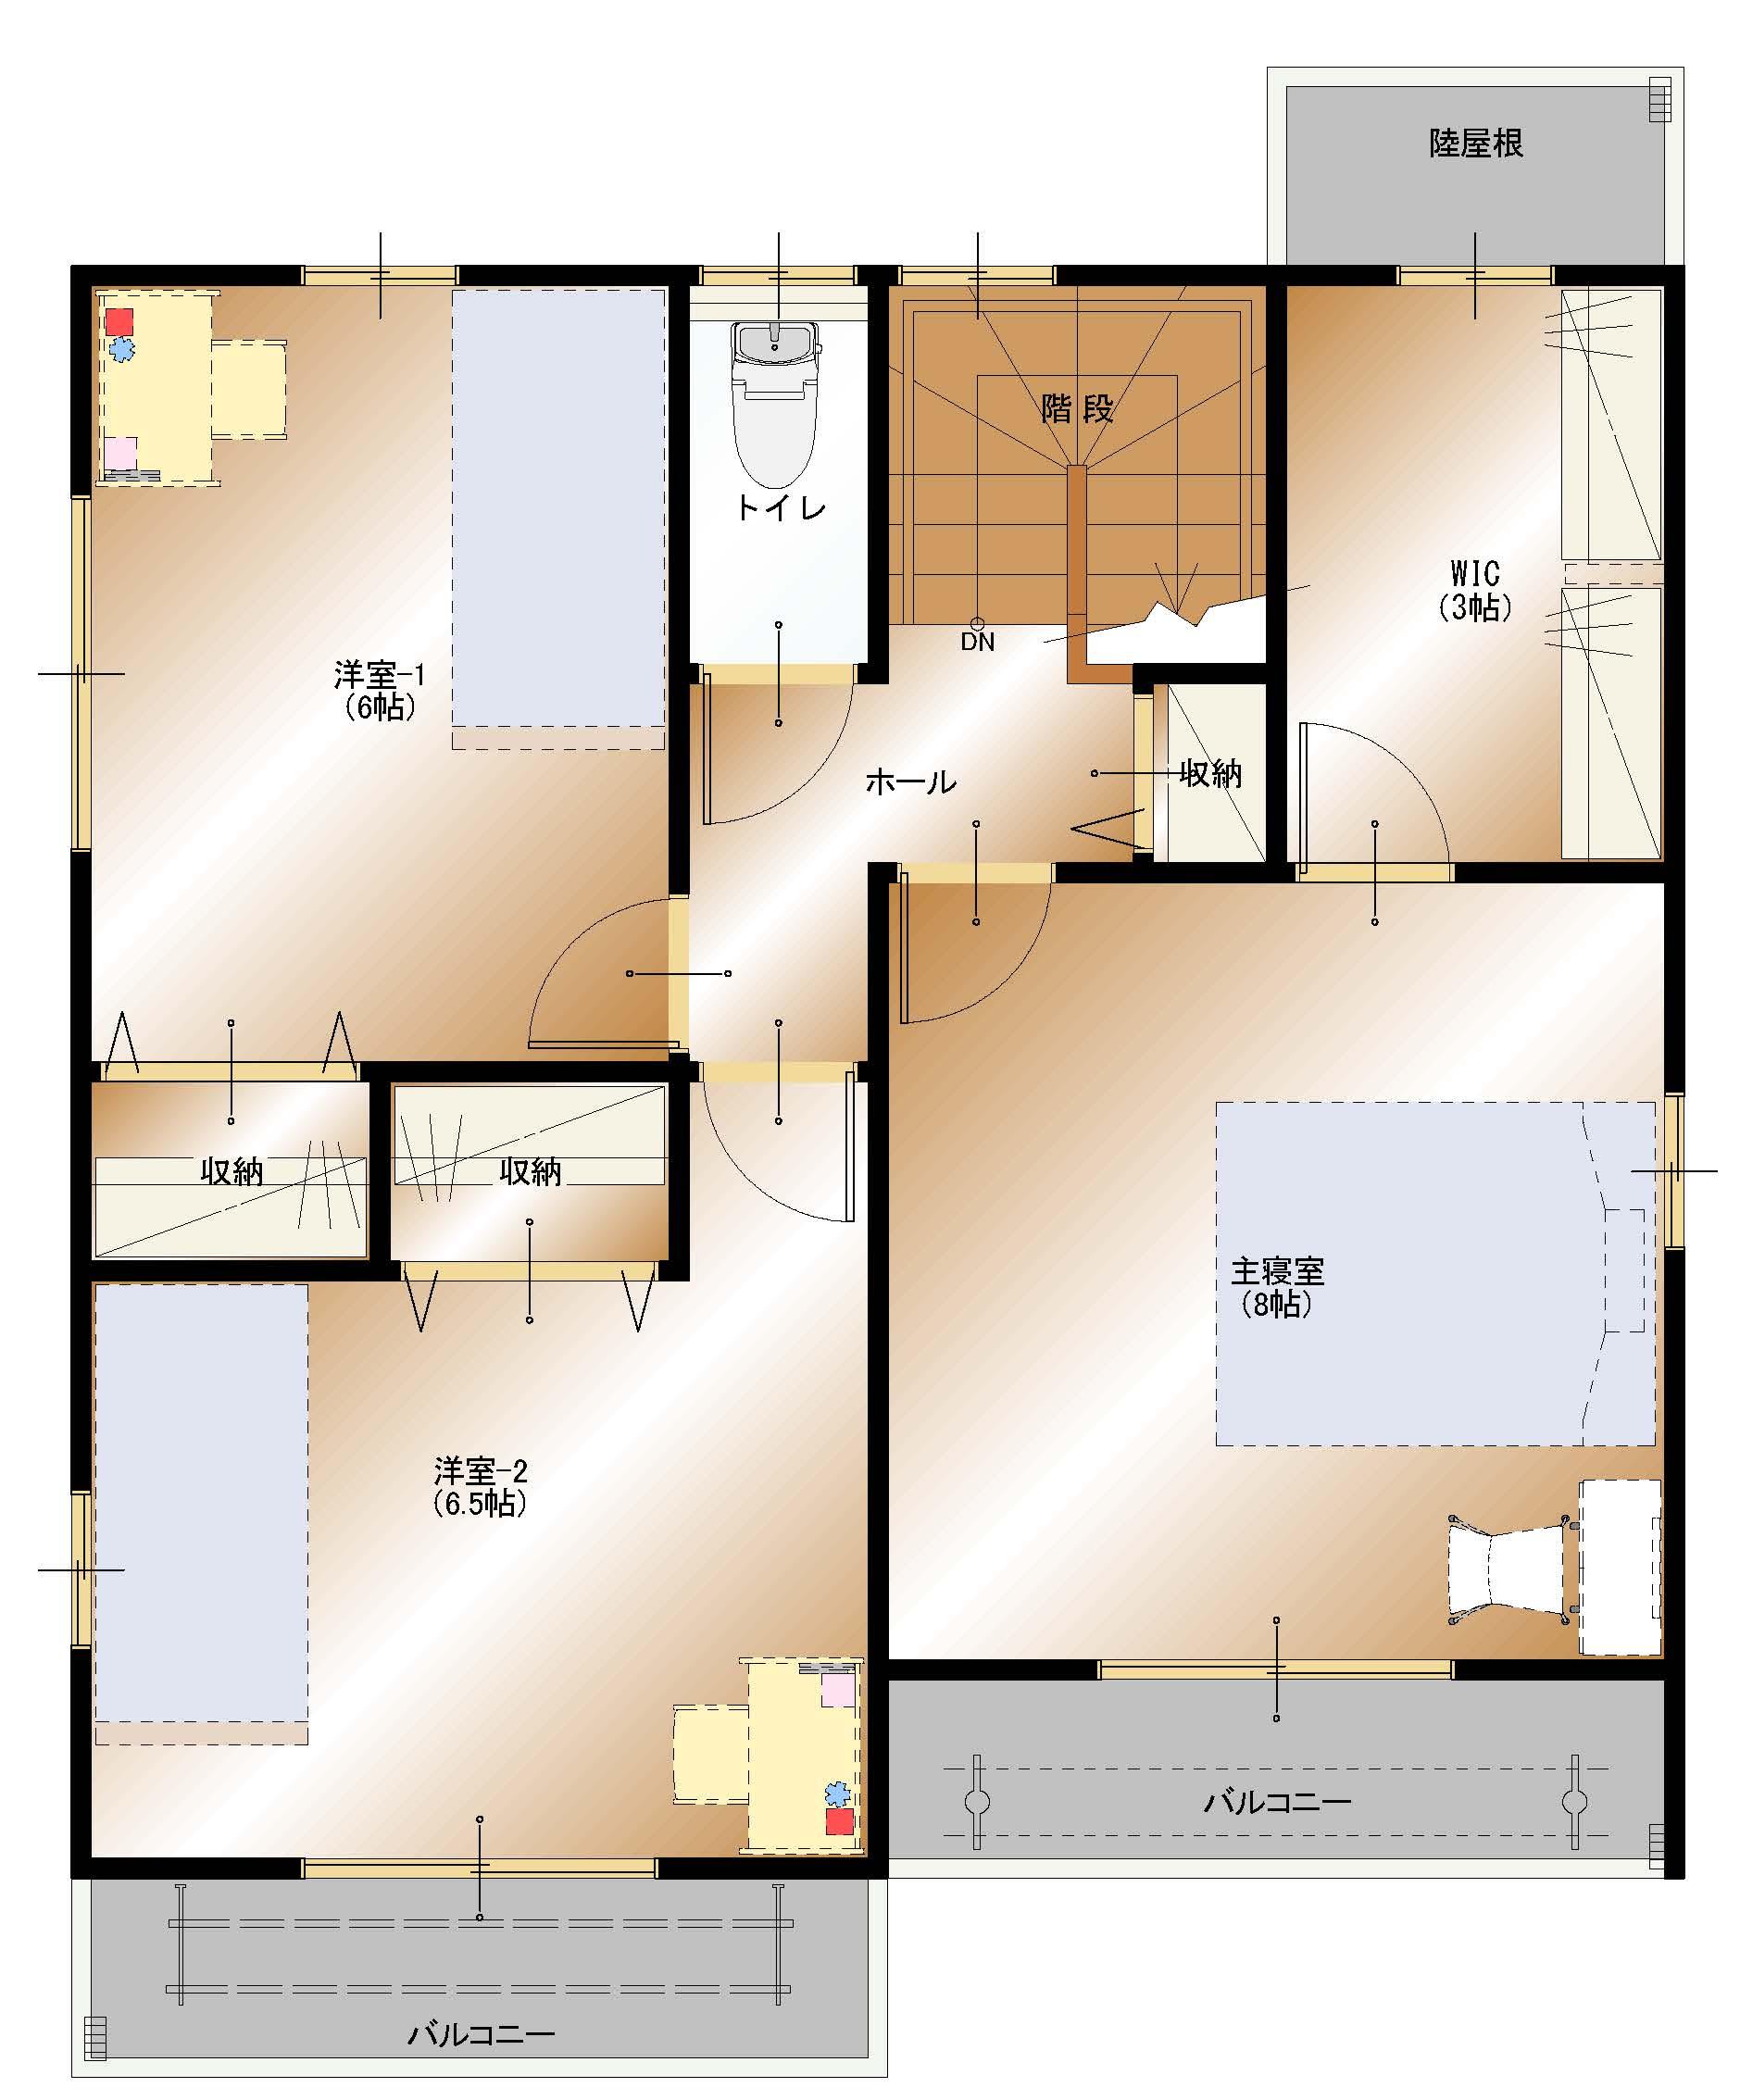 上今井町B23号棟建売住宅【2F平面図】